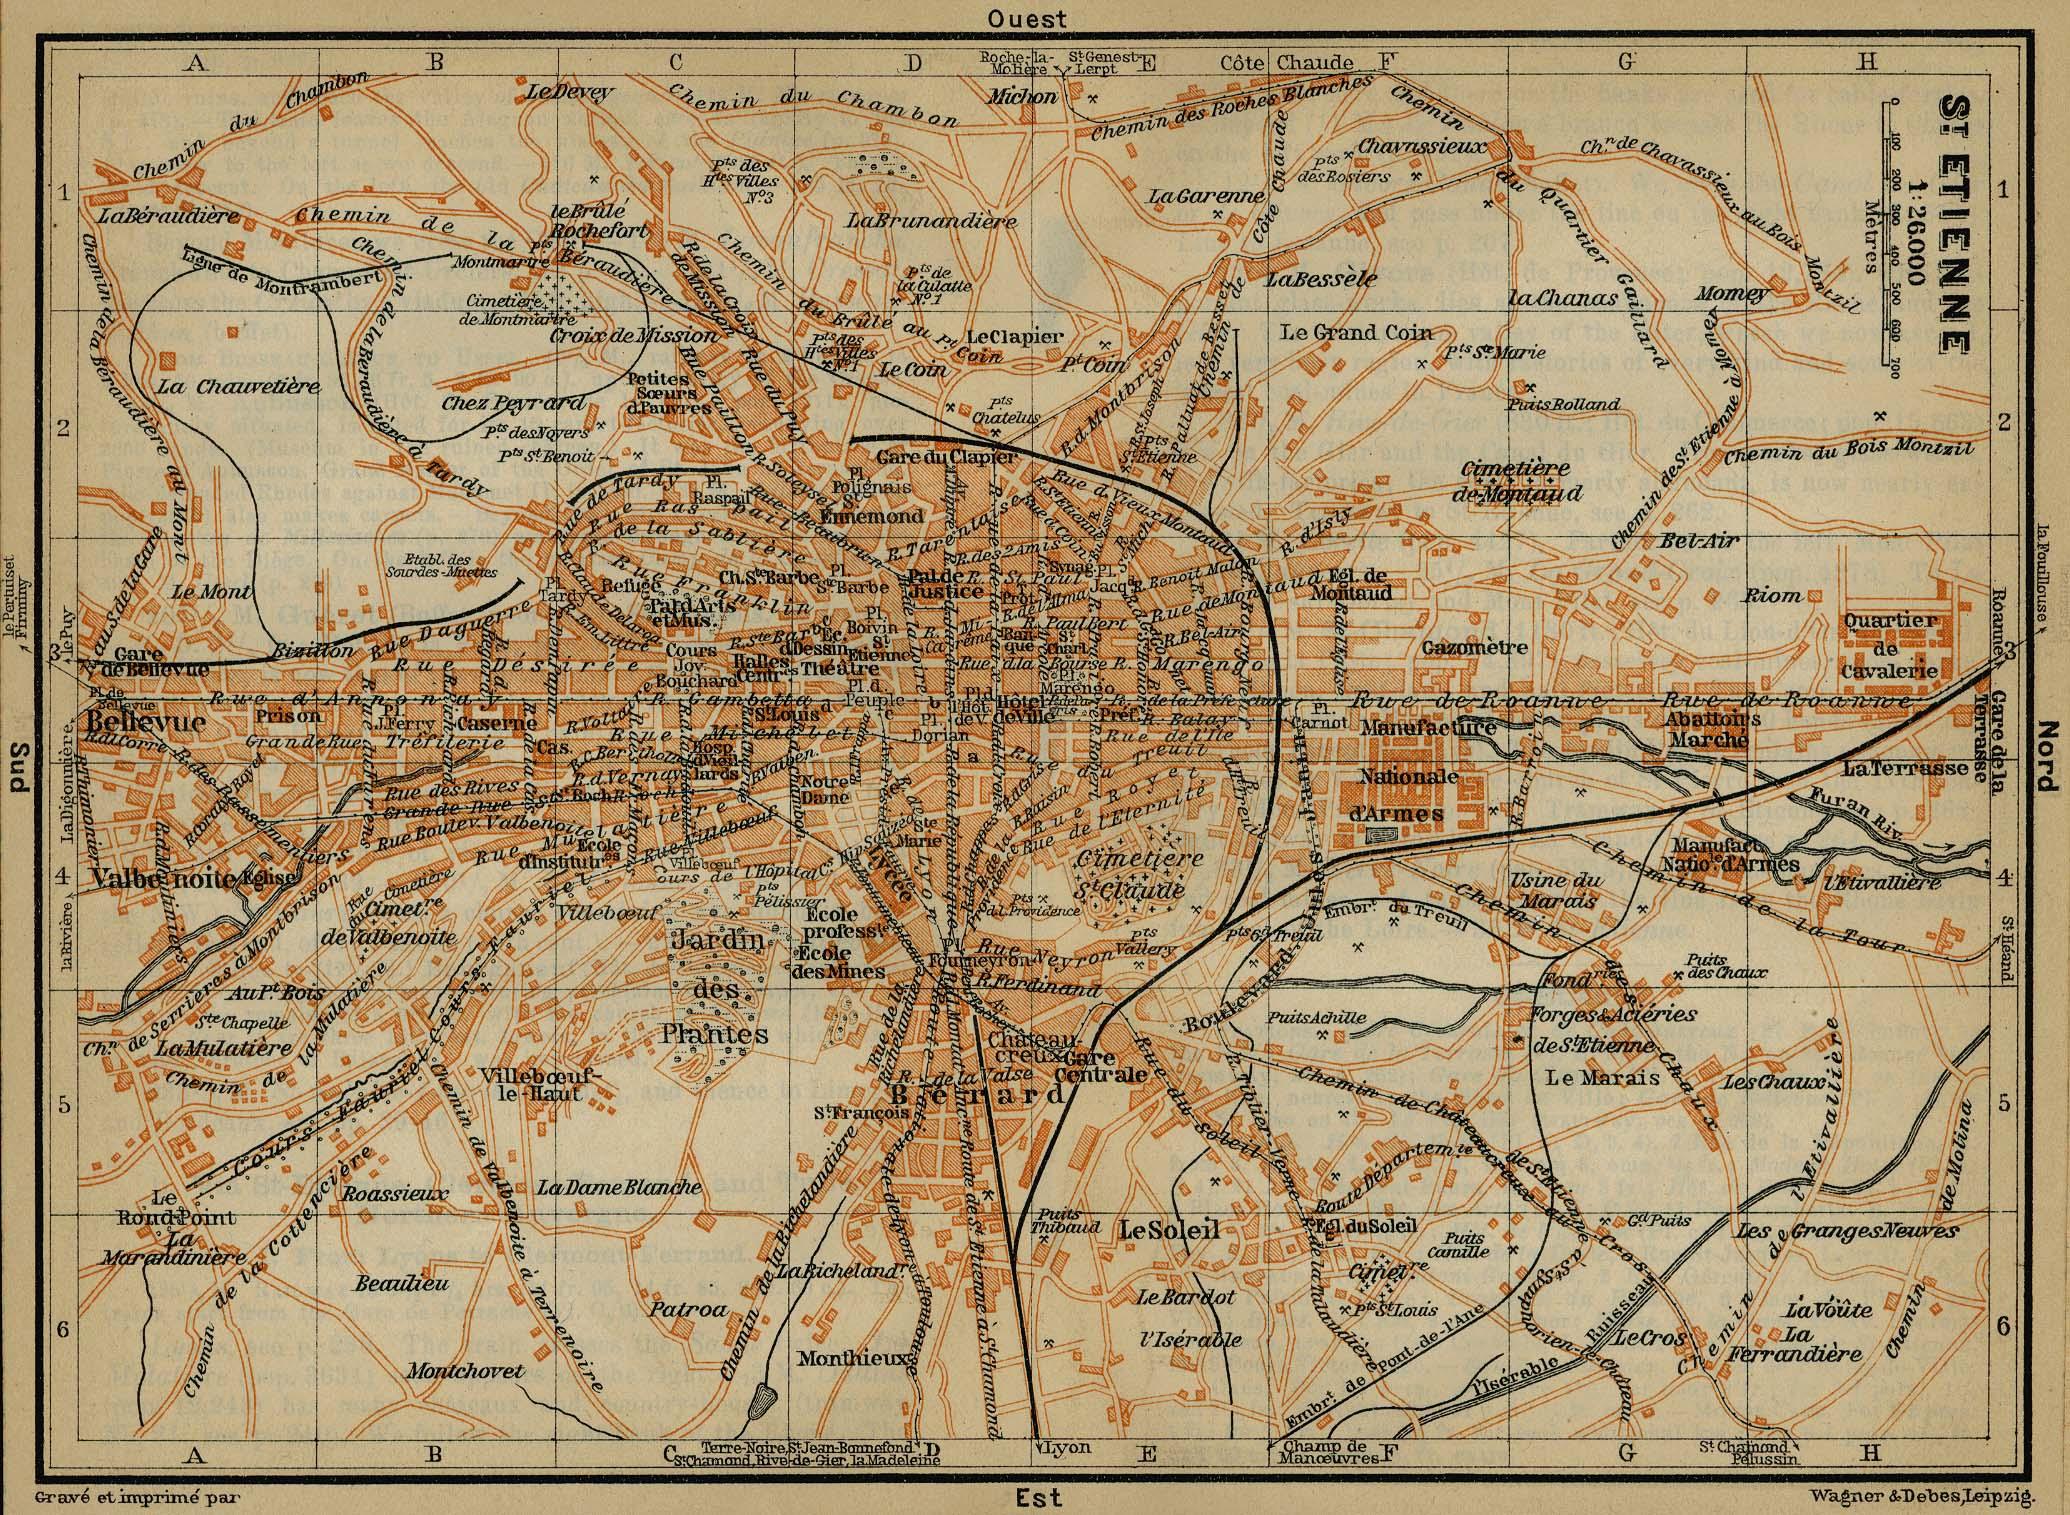 Mapa de Saint-Étienne, Francia 1914